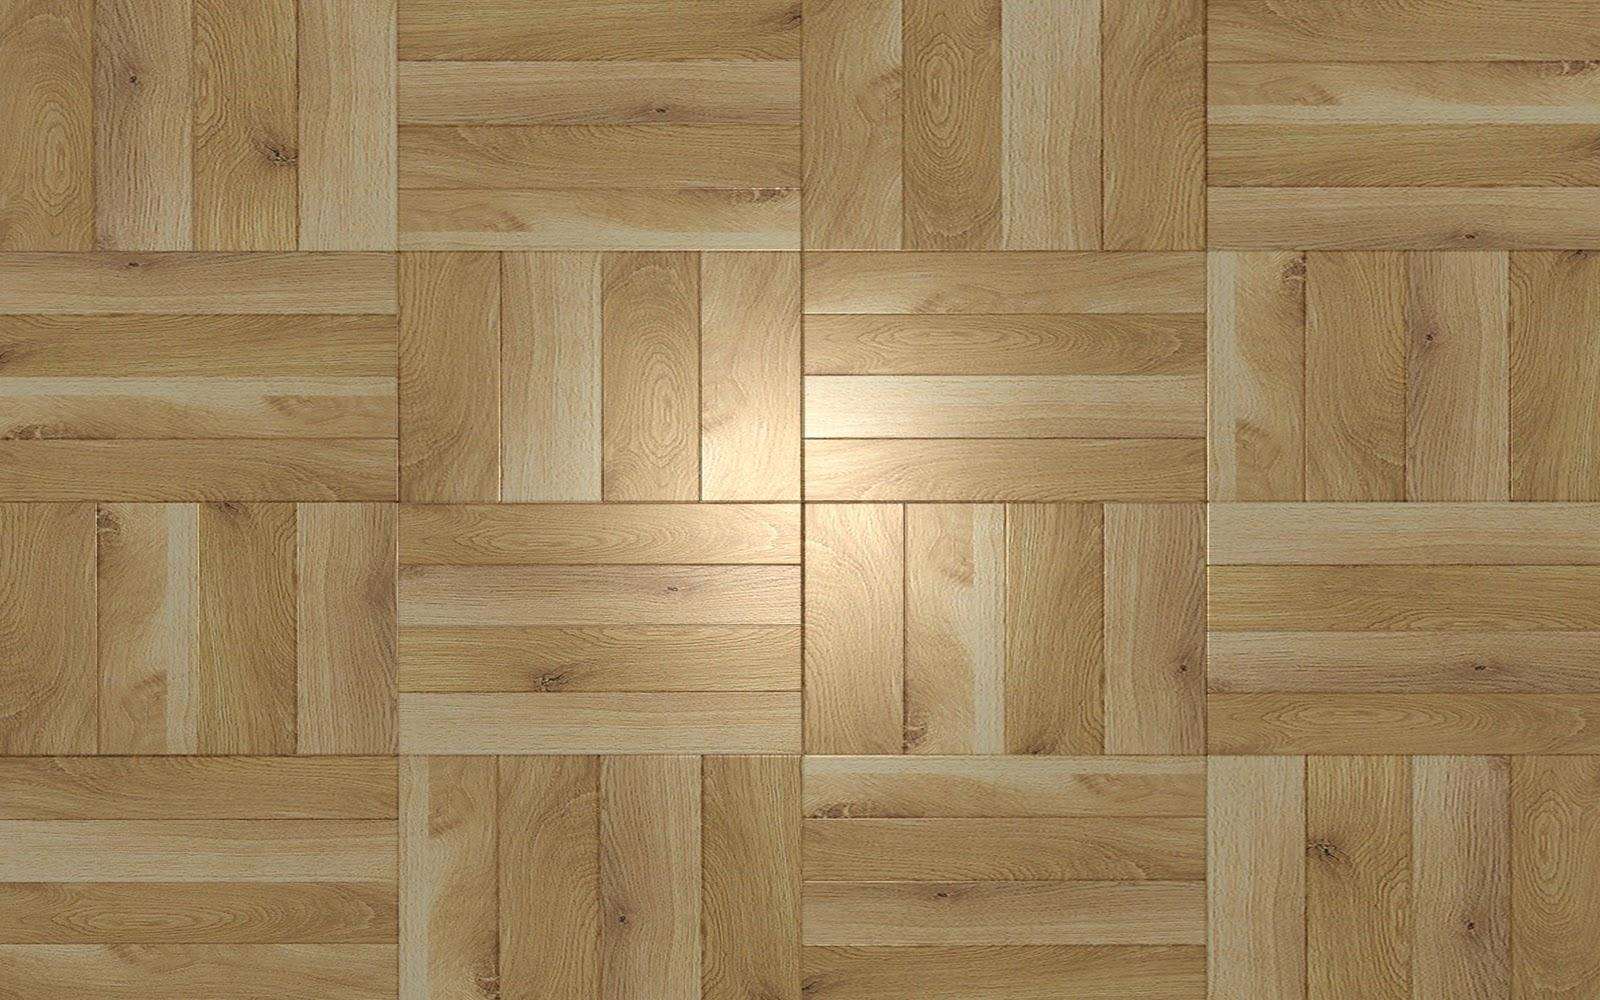 http://3.bp.blogspot.com/-ljUyhVMCwFs/Tndd-dnytrI/AAAAAAAACTc/Bxt-KpuaBkU/s1600/Wood%2B05.jpg